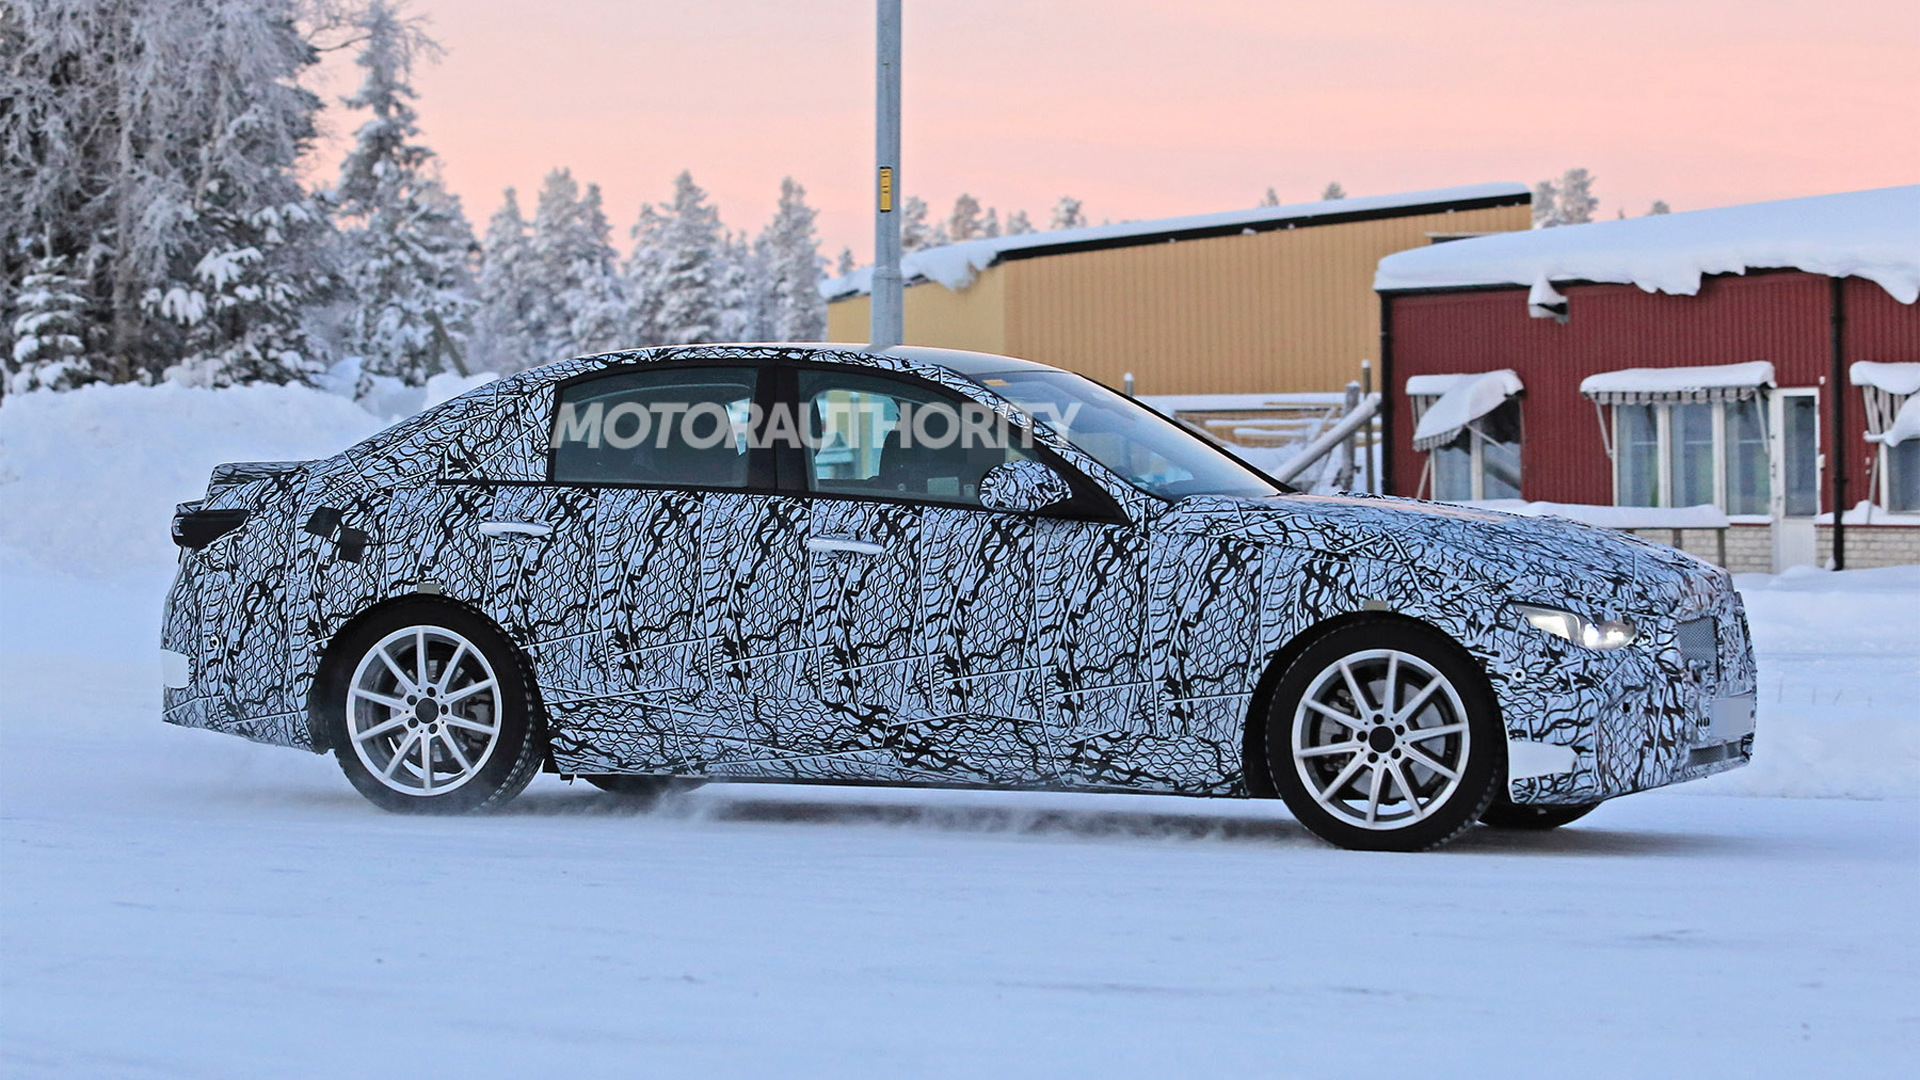 2021 Mercedes-Benz C-Class spy shots - Image via S. Baldauf/SB-Medien